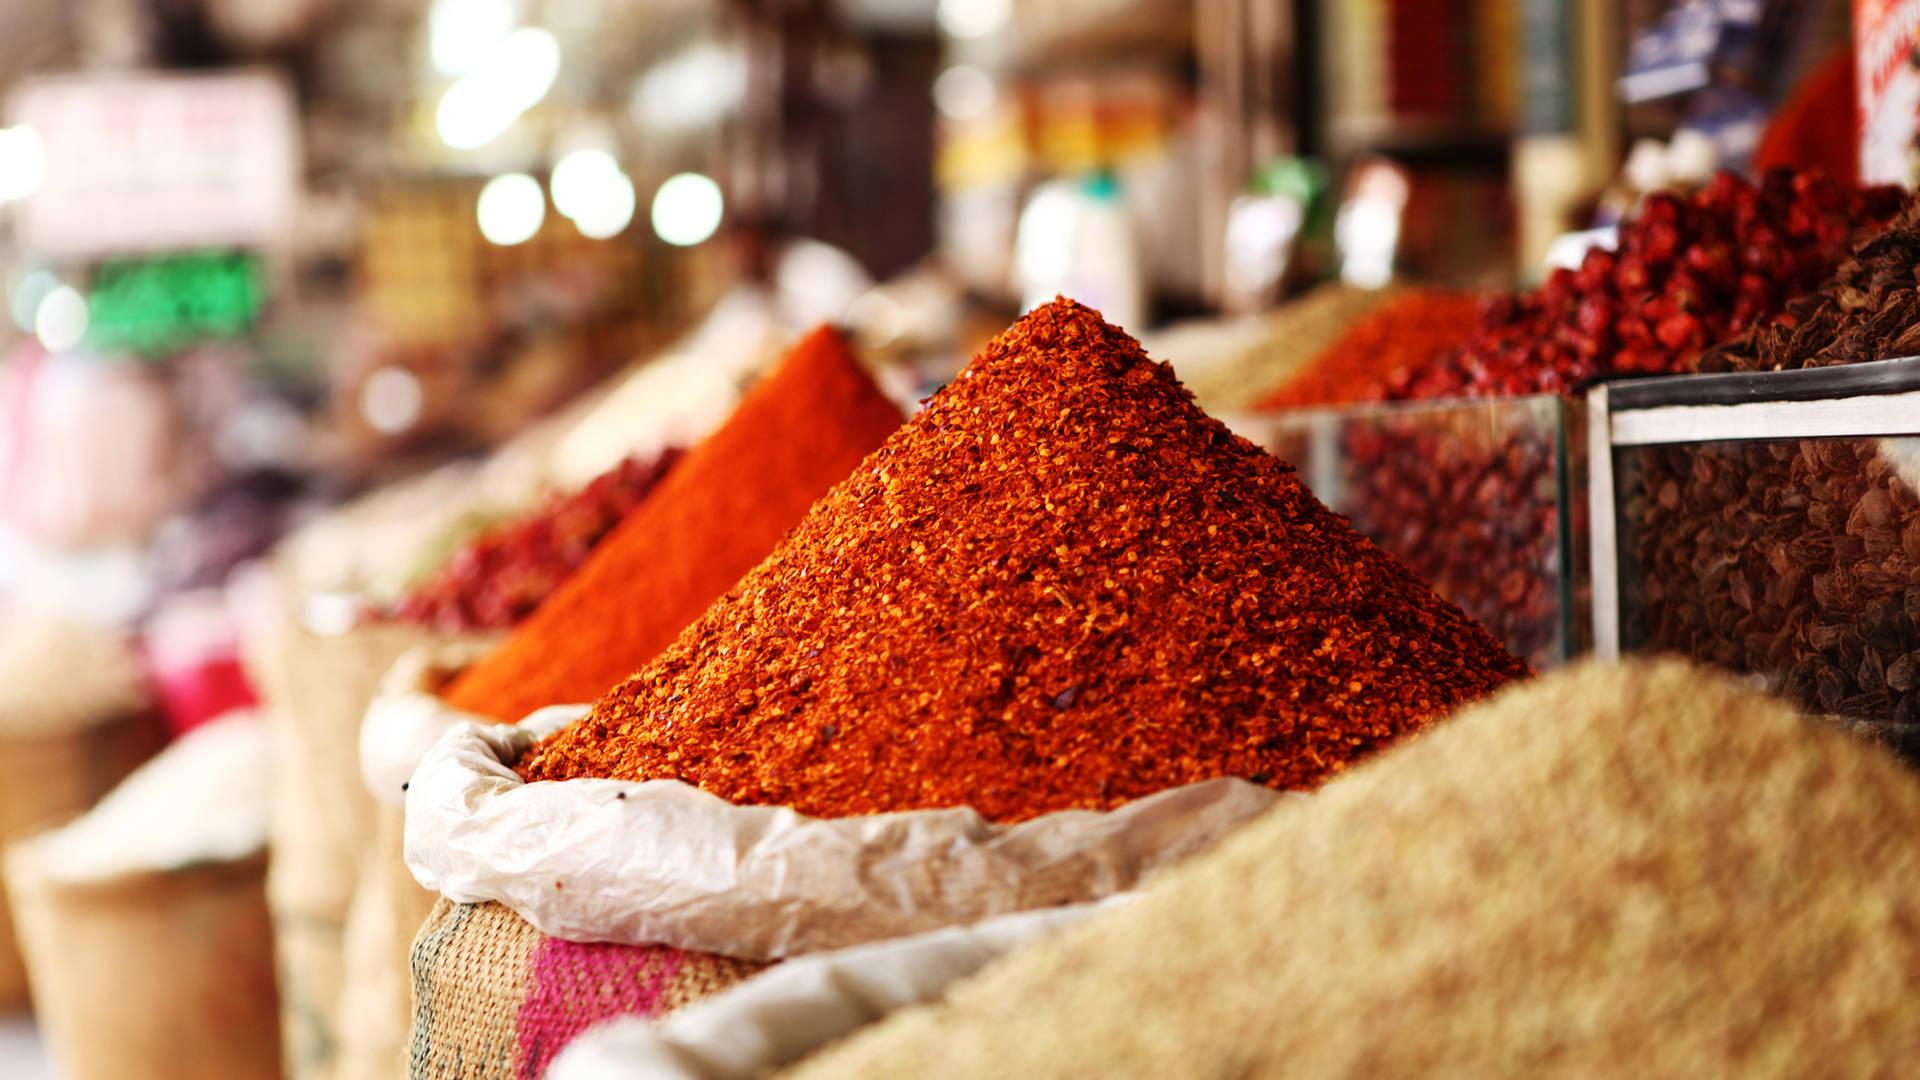 Spice market Kuwait